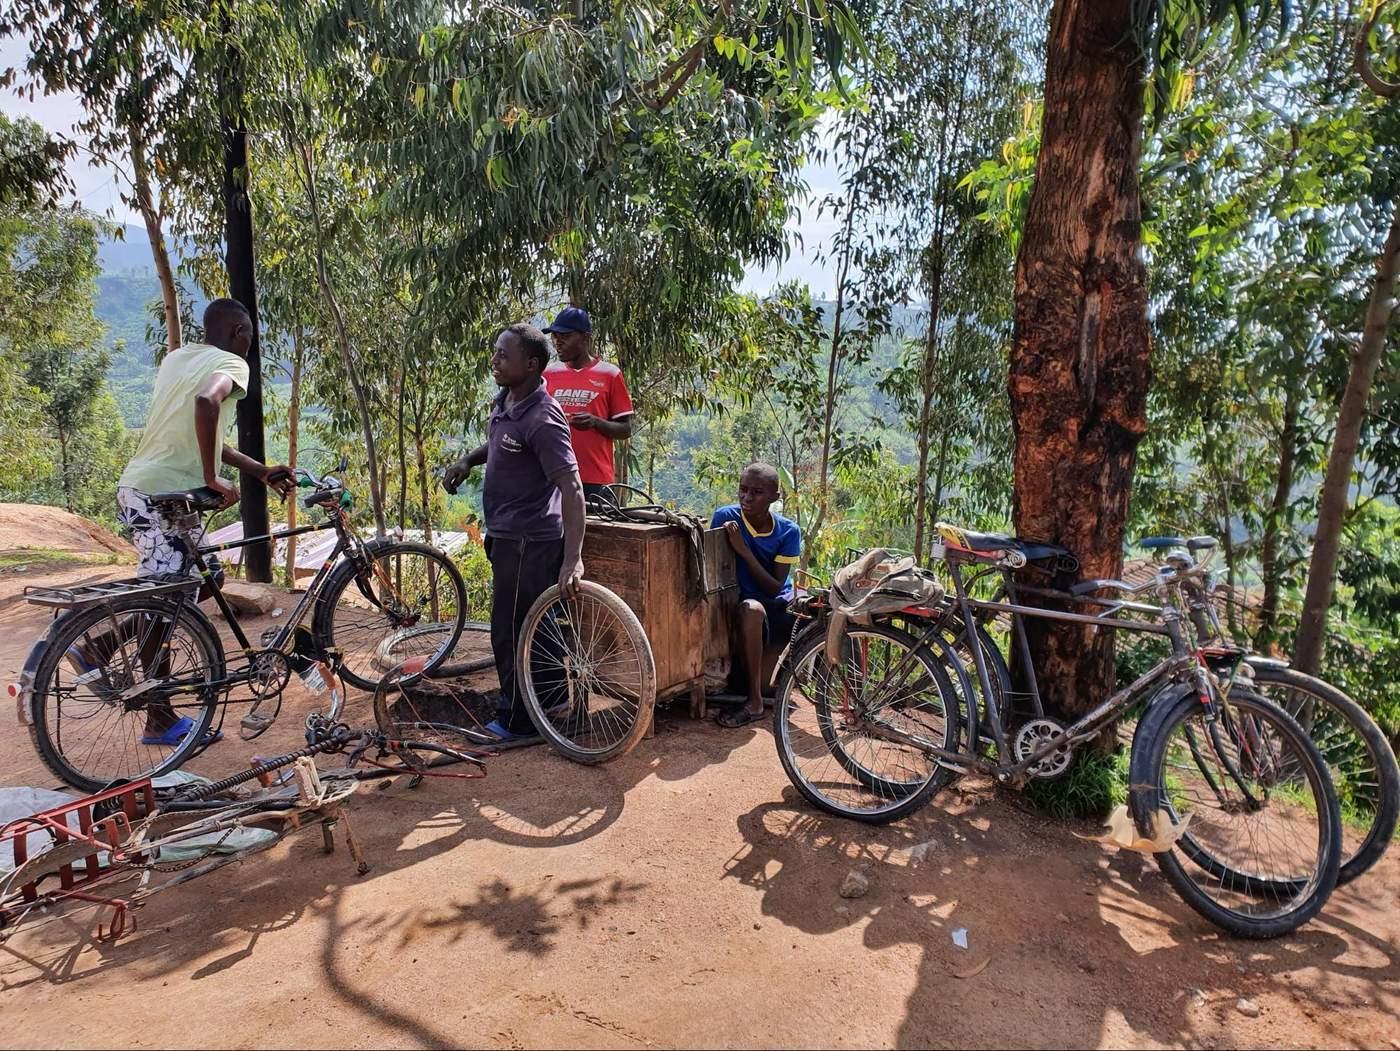 עצירות בקונגו נייל טרייל